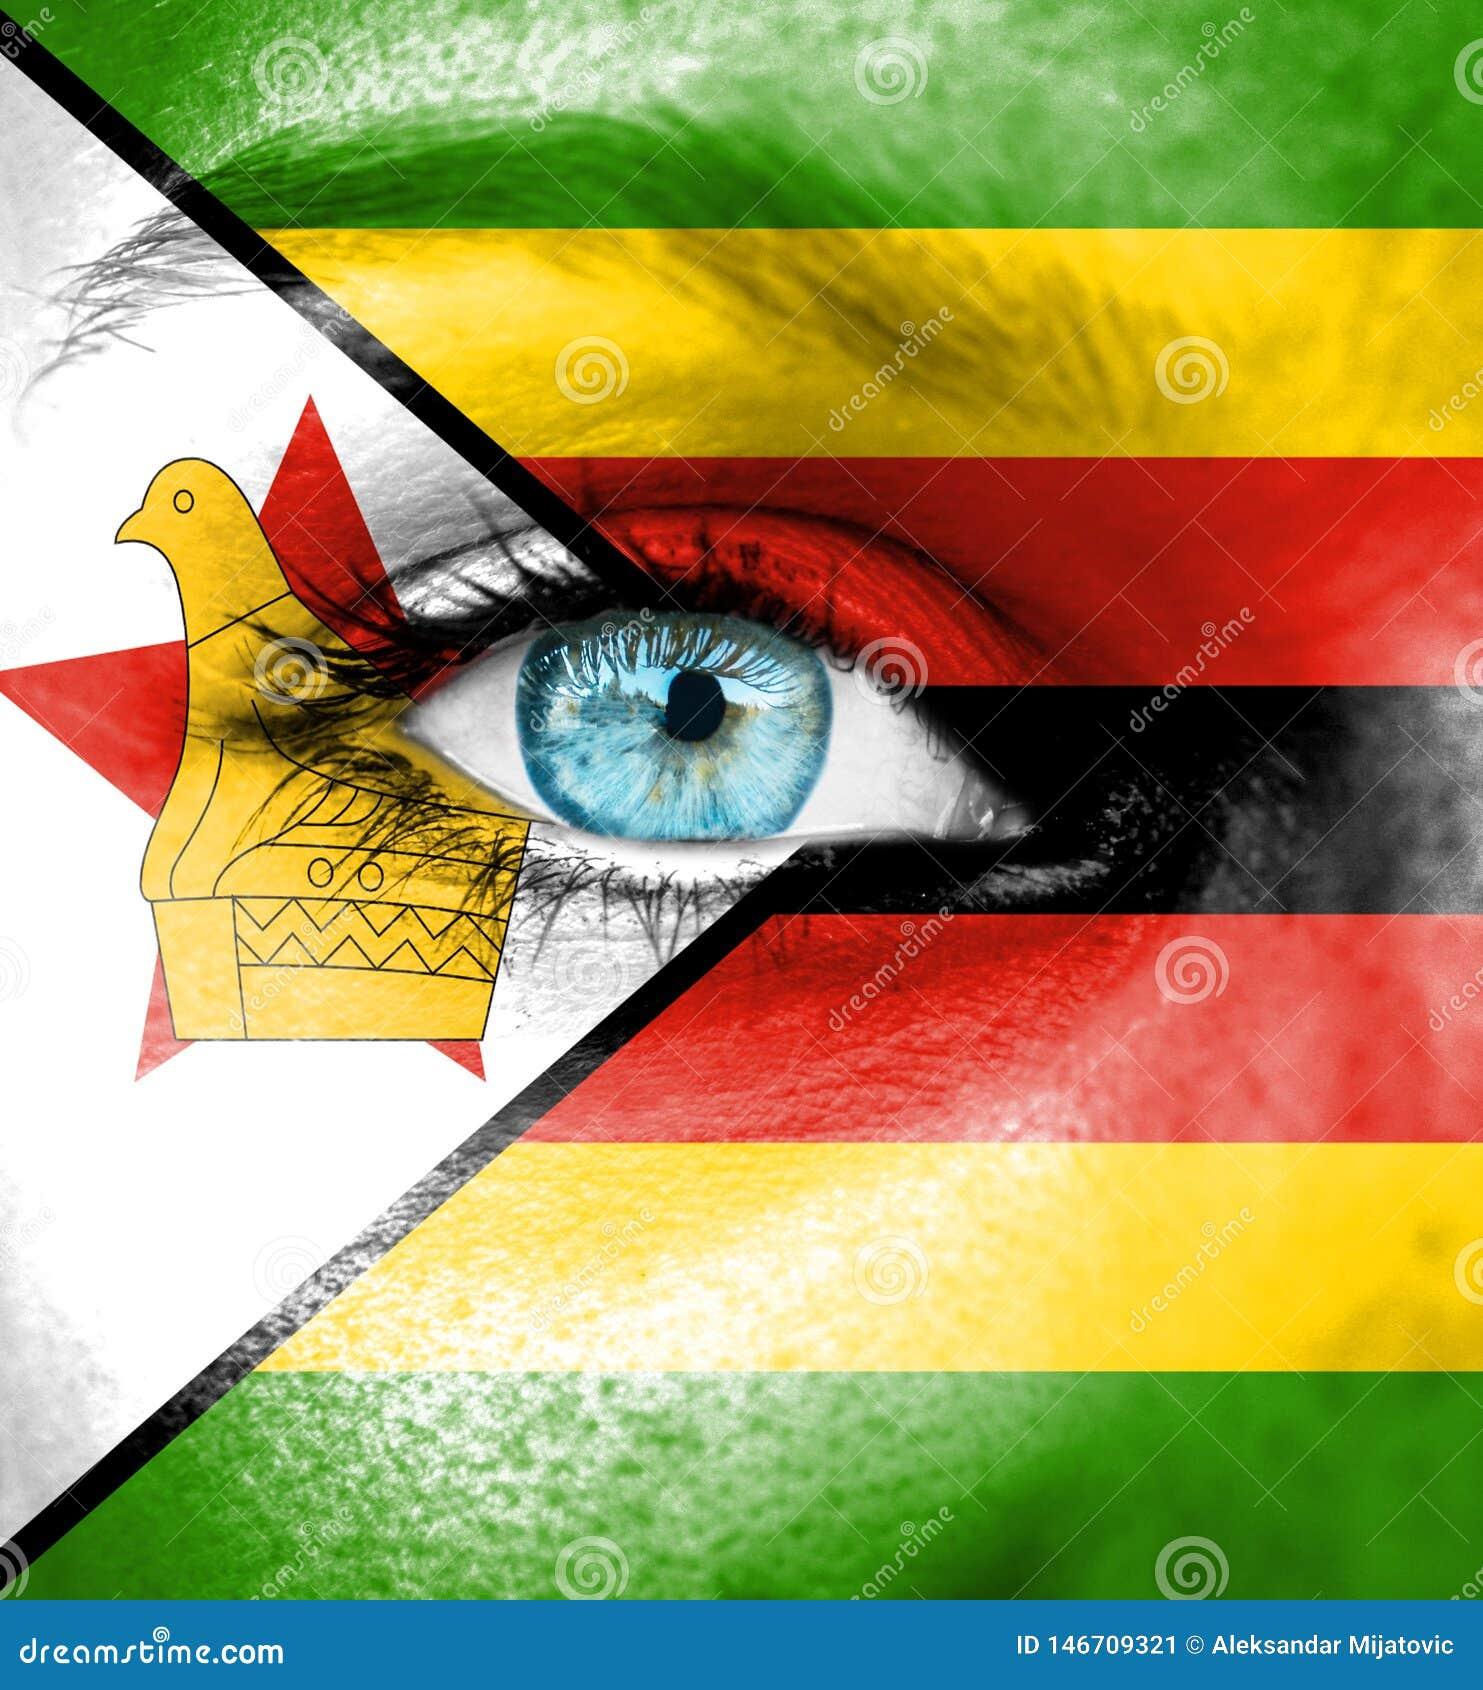 Cara da mulher pintada com a bandeira de Zimbabwe